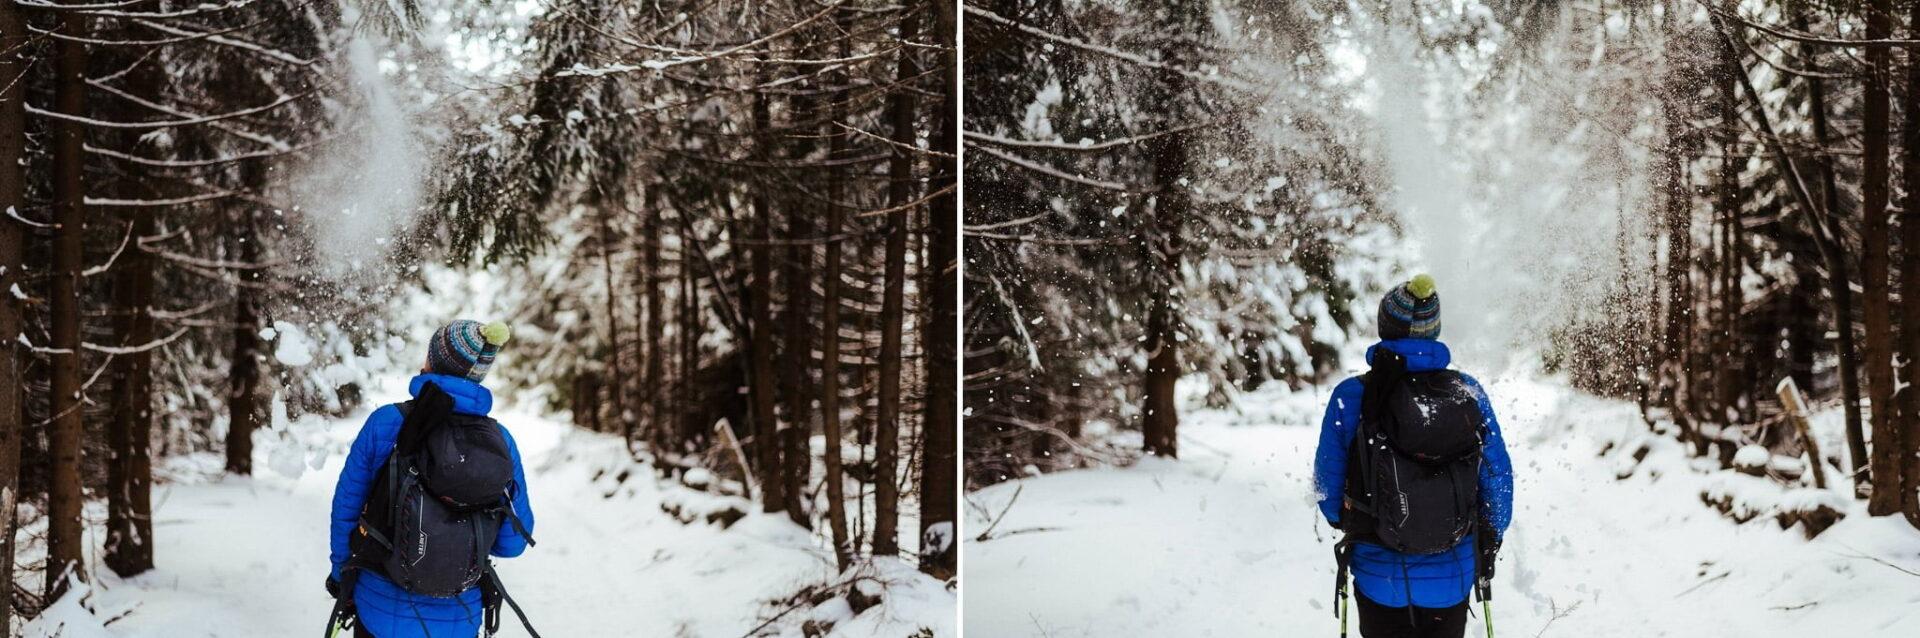 Zimowa sesja narzeczeńska w górach 37